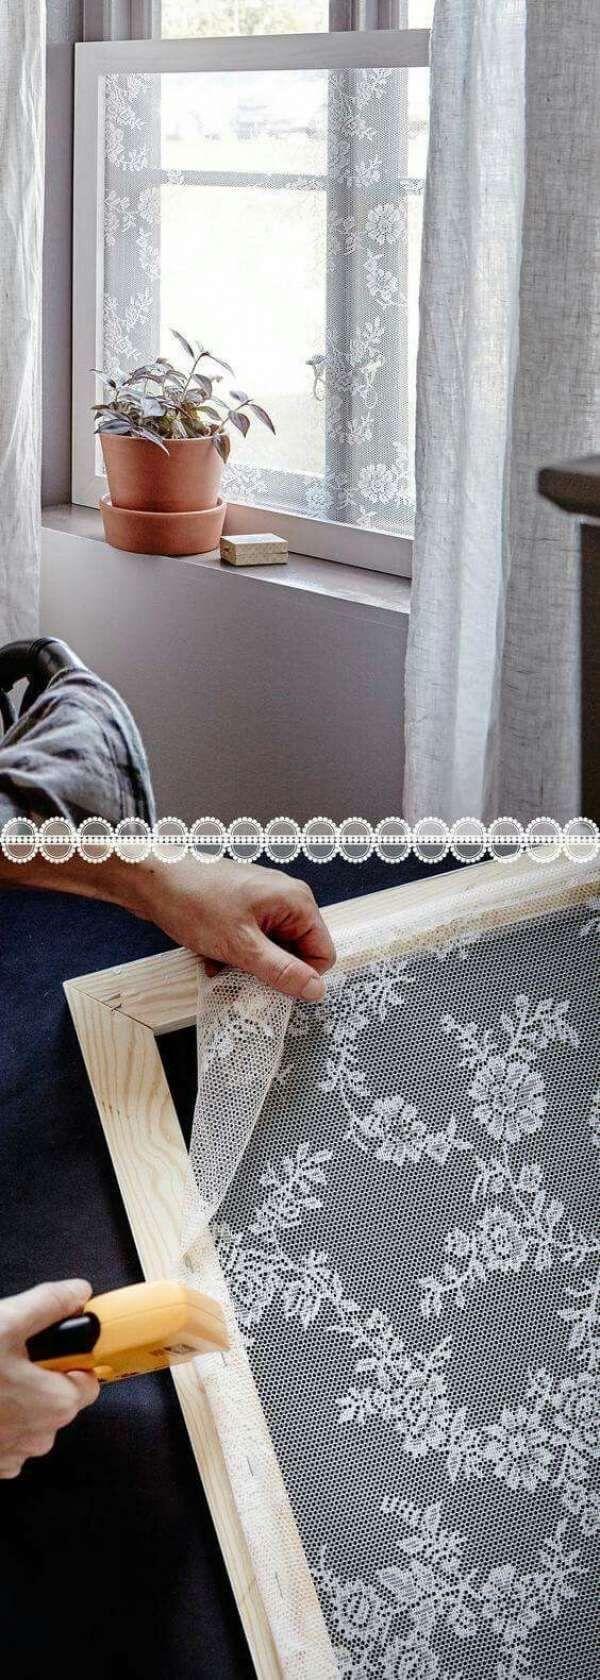 35 idées et guides de traitement de fenêtre à faire soi-même – Décorations pour la maison